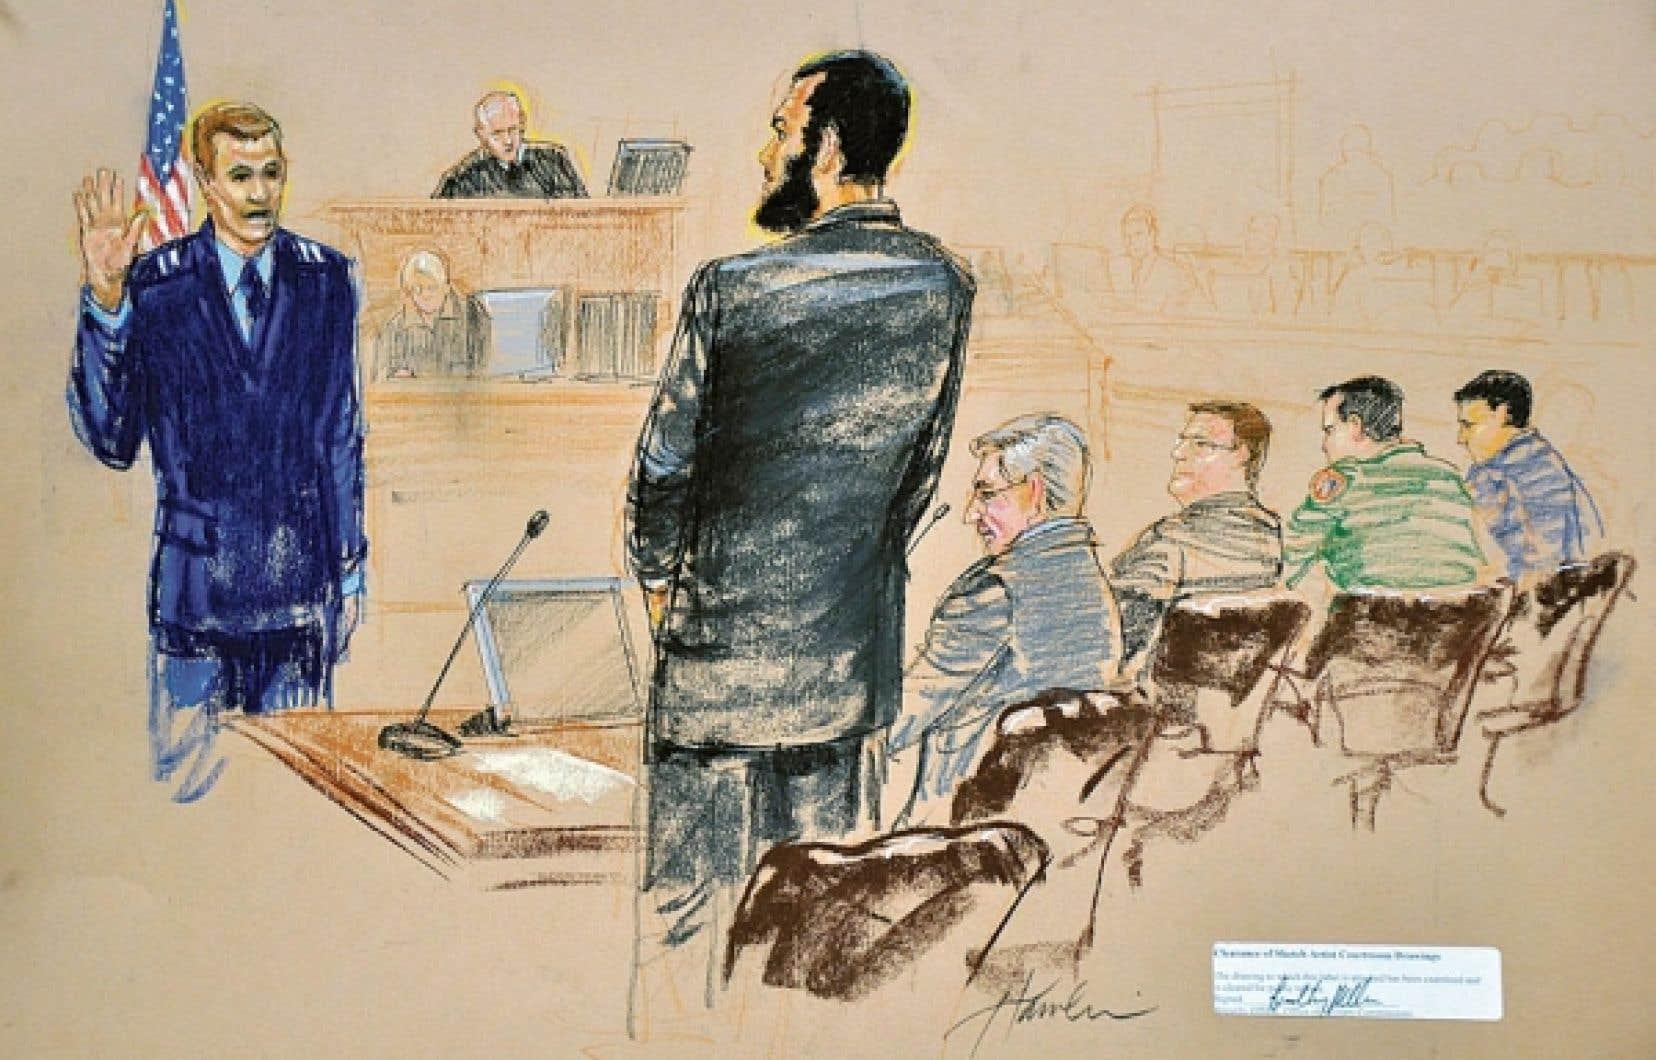 Le Canadien Omar Khadr (au centre) devant le tribunal militaire de Guantánamo, hier. Il s'est reconnu coupable du meurtre d'un soldat américain à la suite d'une entente avec les autorités américaines qui lui vaudra une peine allégée.<br />